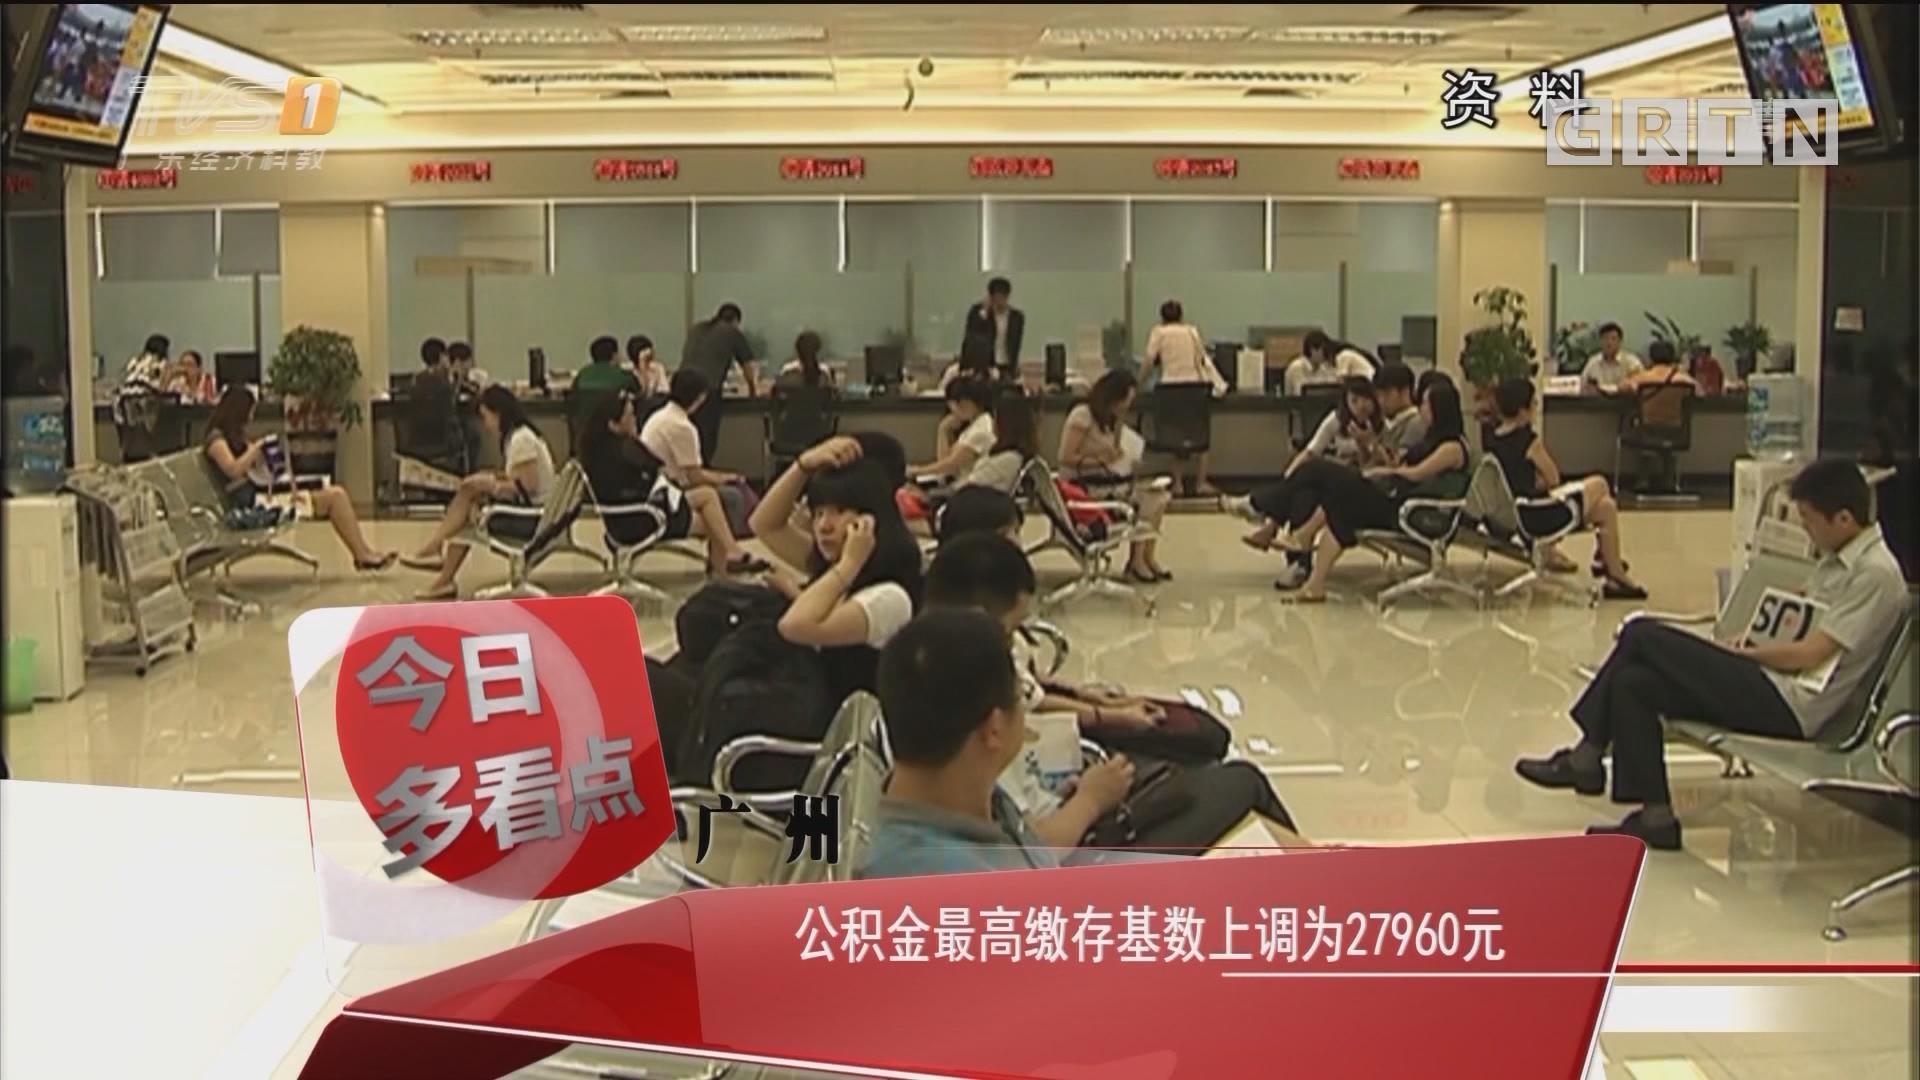 广州:公积金最高缴存基数上调为27960元